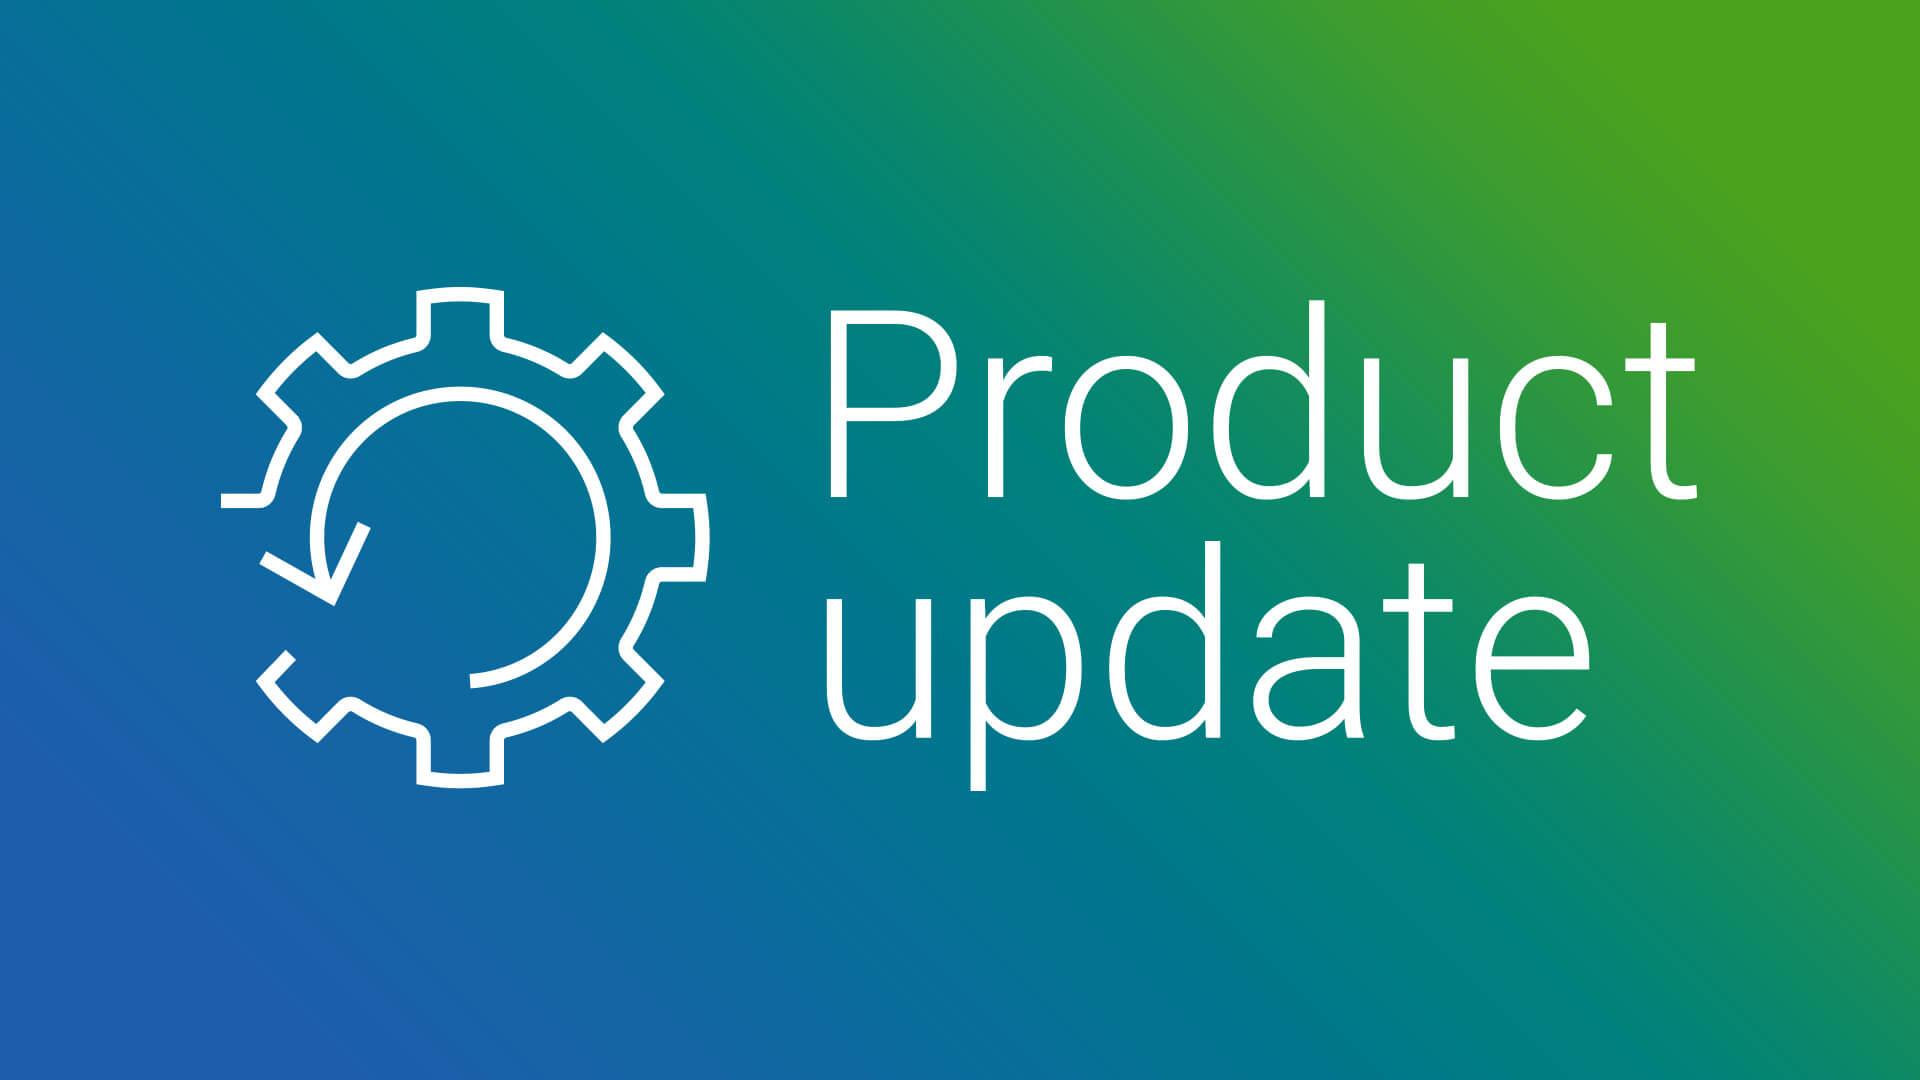 dyflexis personeelsplanning urenregistratie product update nieuws